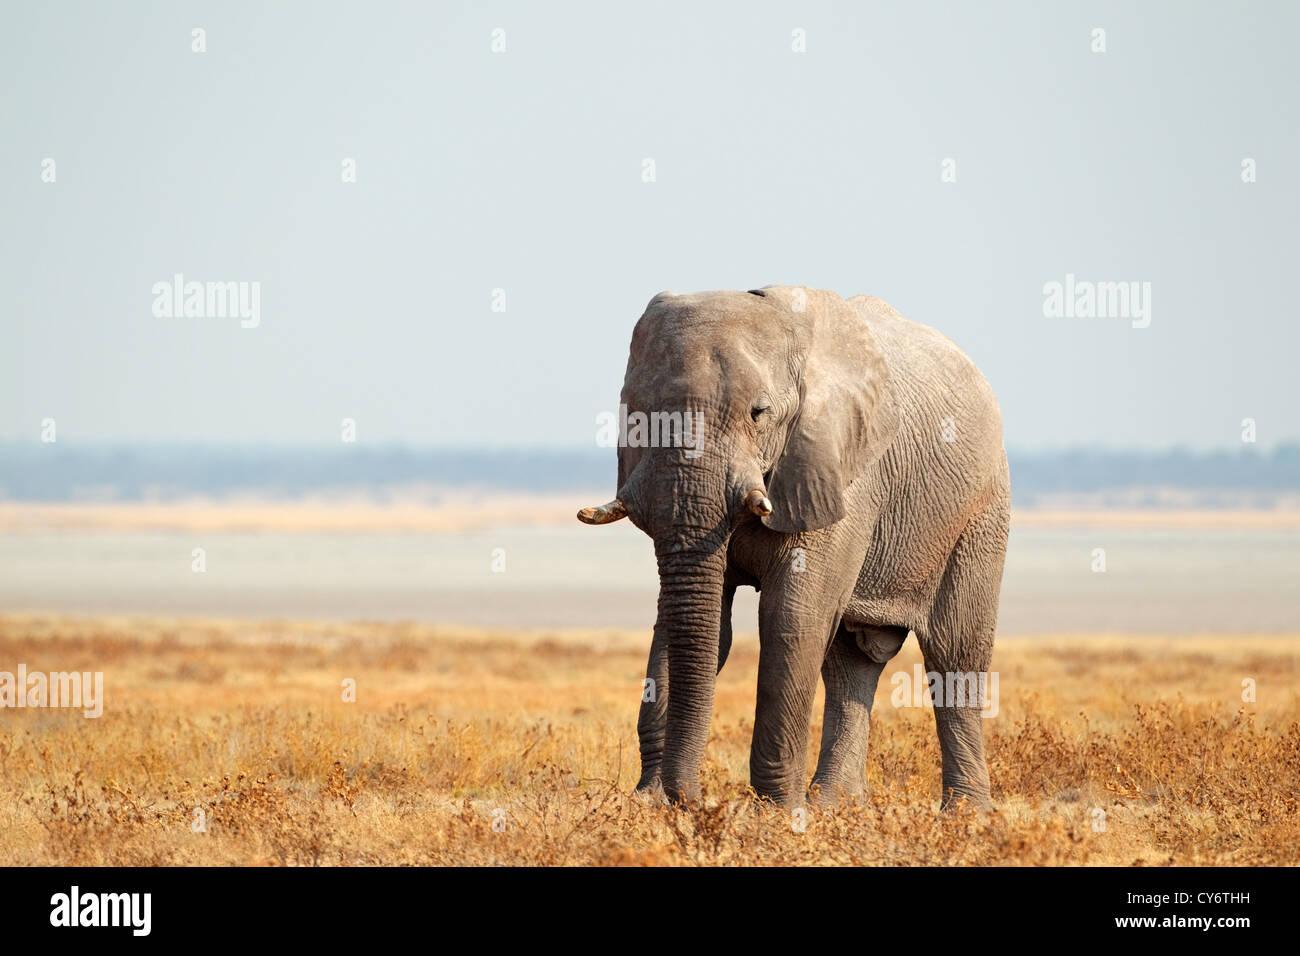 African elephant (Loxodonta africana) on the open plains of the Etosha National Park, Namibia, southern Africa - Stock Image